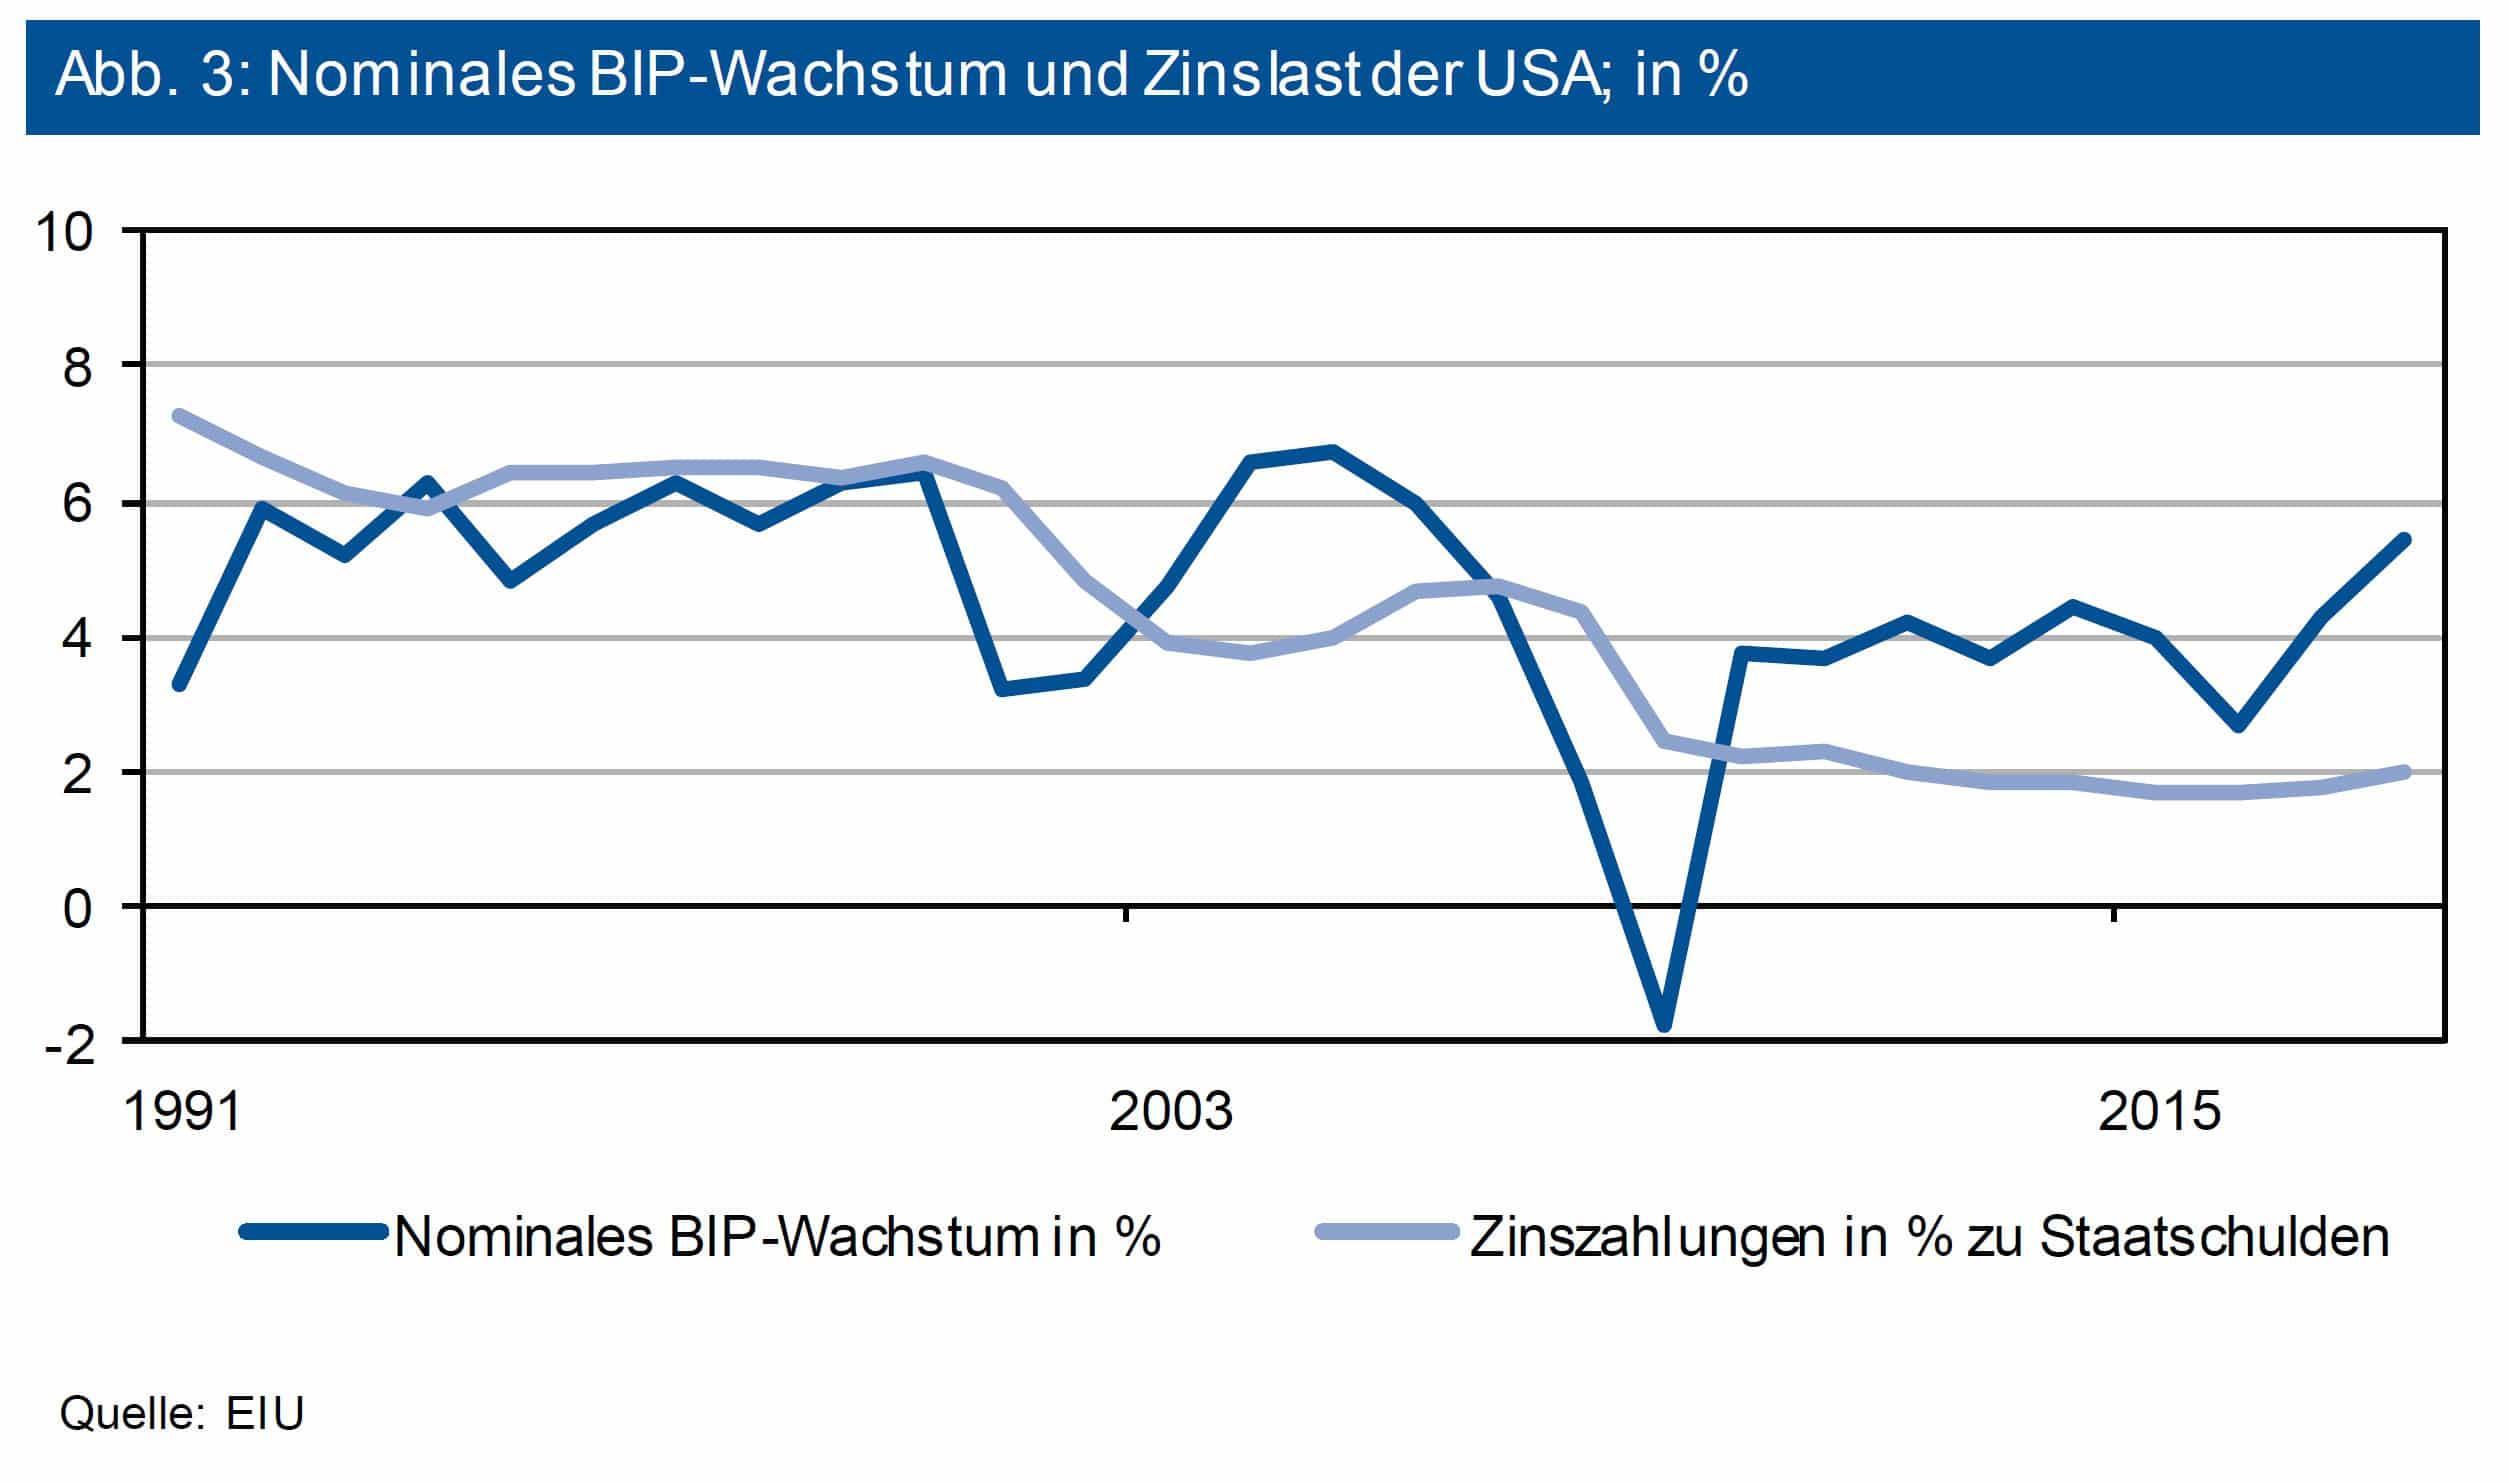 Nominales BIP-Wachstum und Zinslast der USA, in Prozent